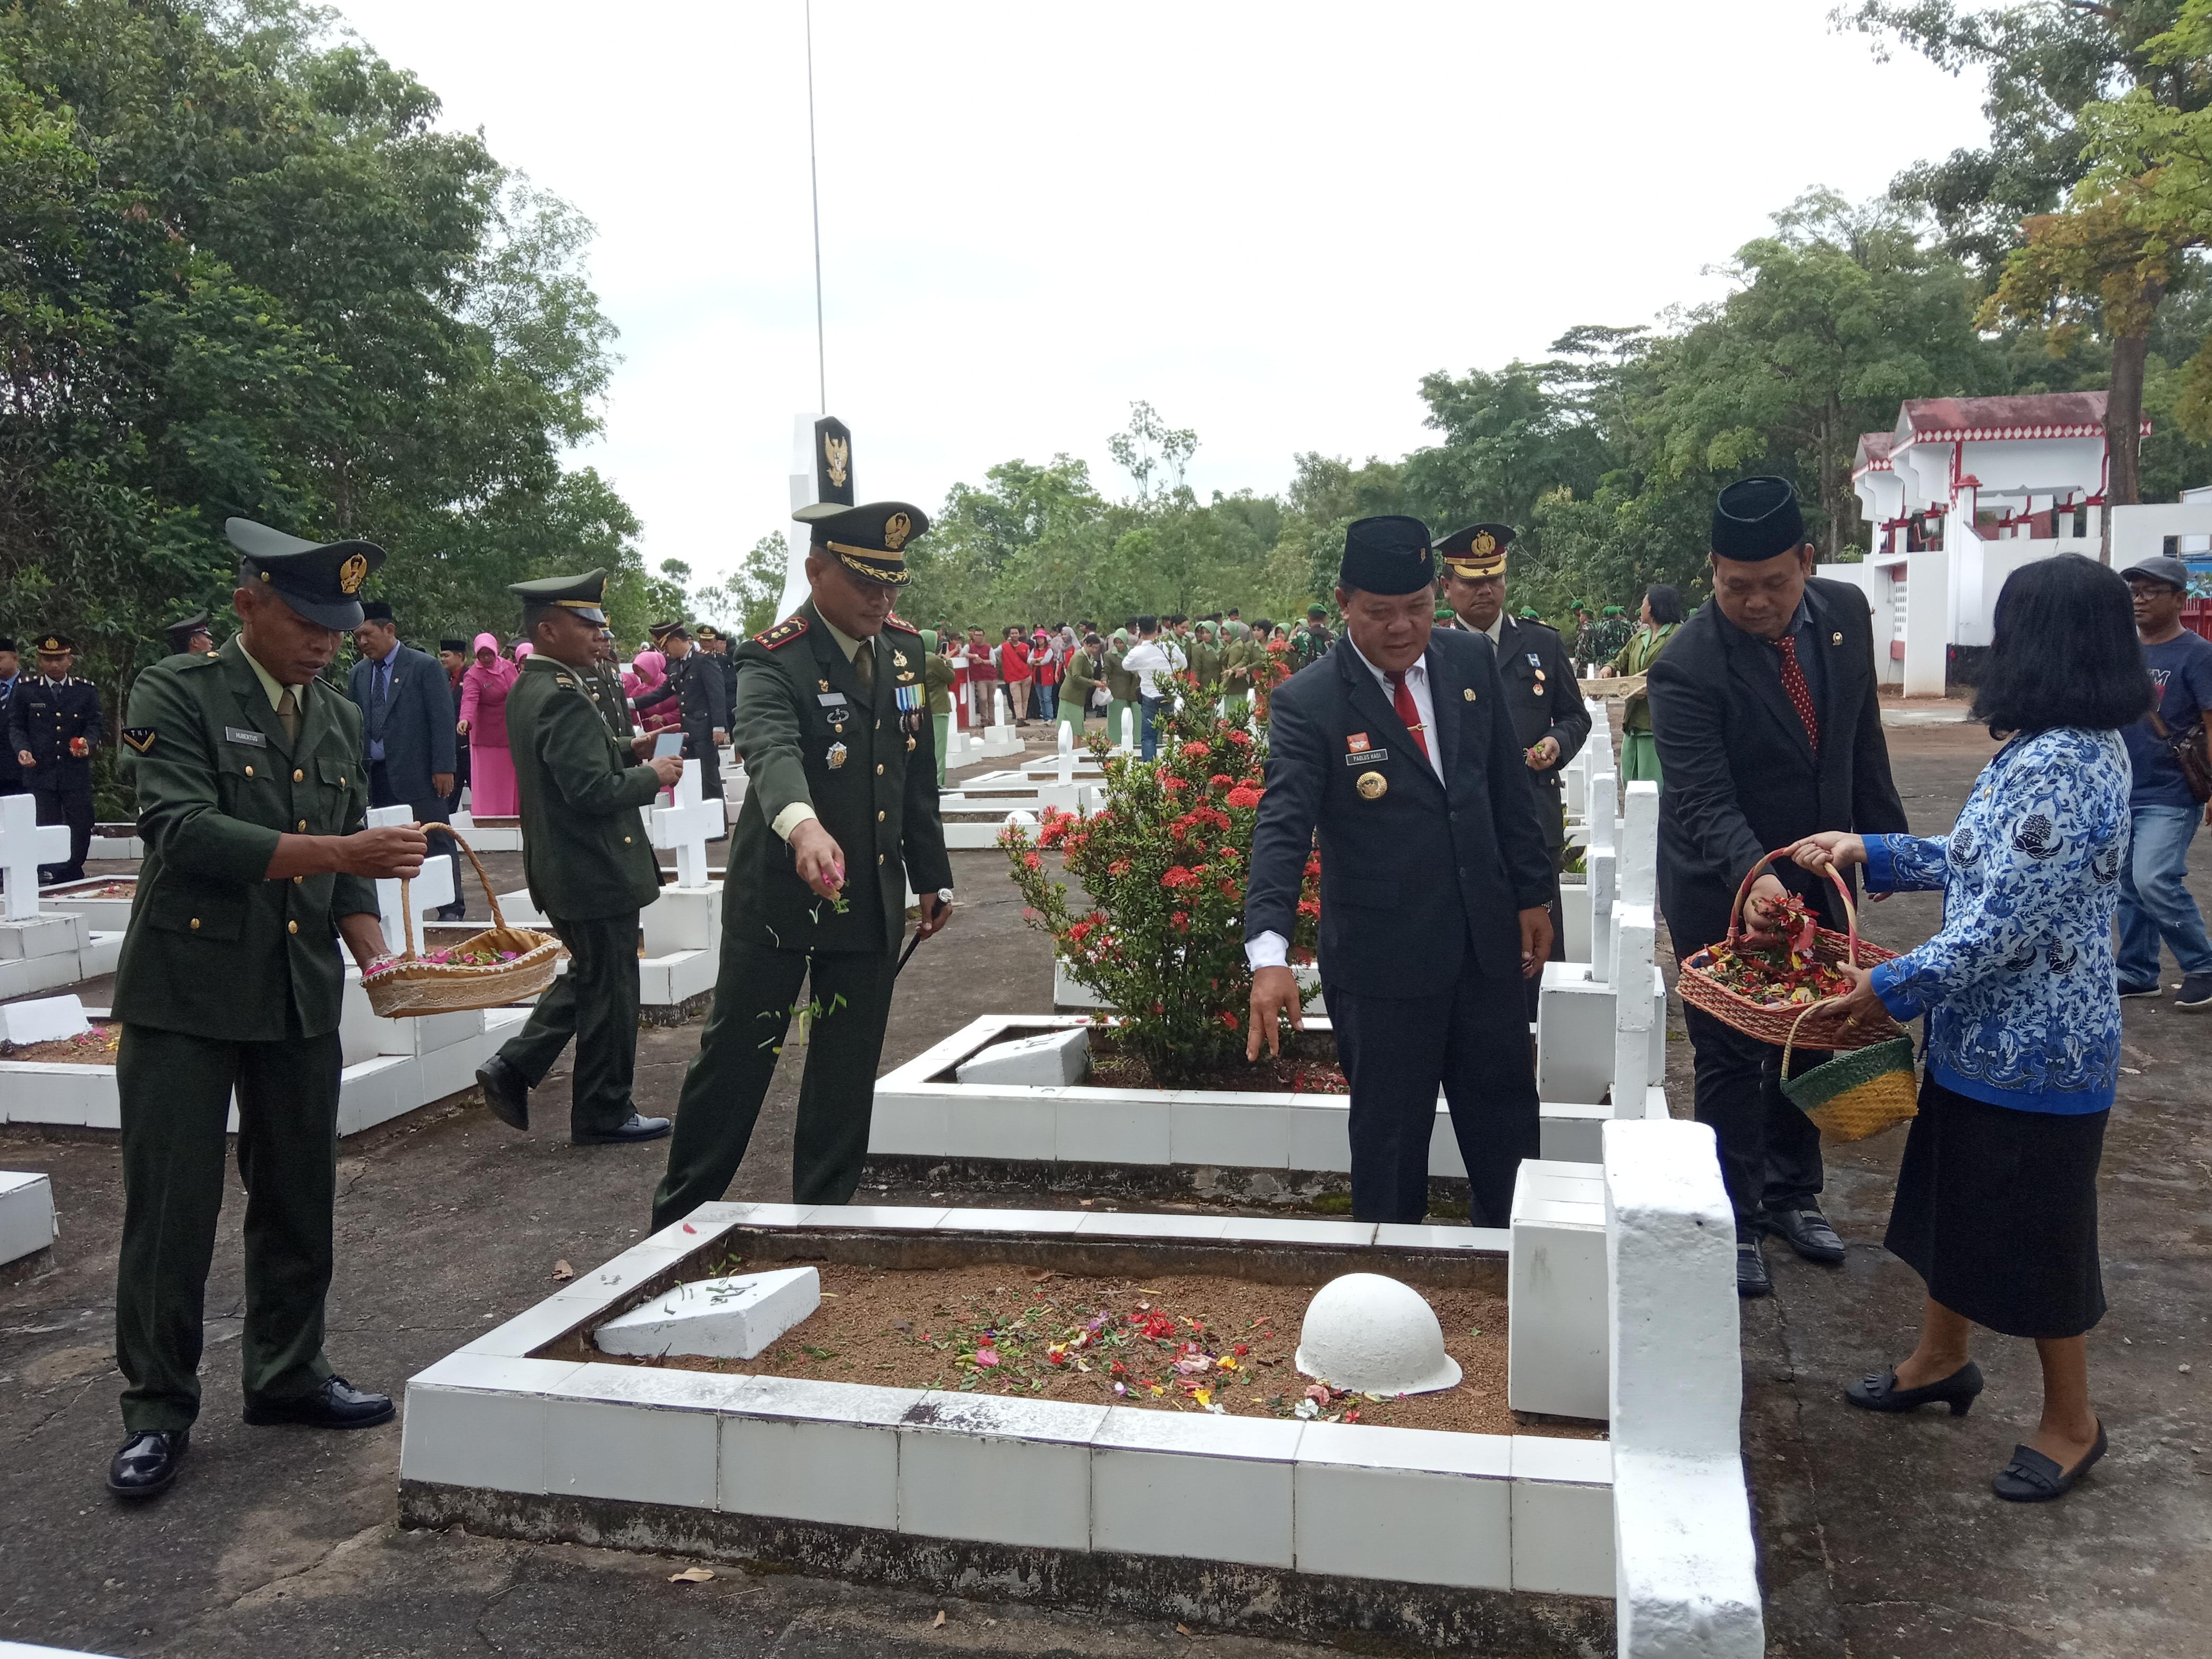 Usai Upacara Hari Pahlawan, Bupati Sanggau bersama Forkompimda Melaksanakan Ziarah ke TMP Patriot Bangsa Sanggau